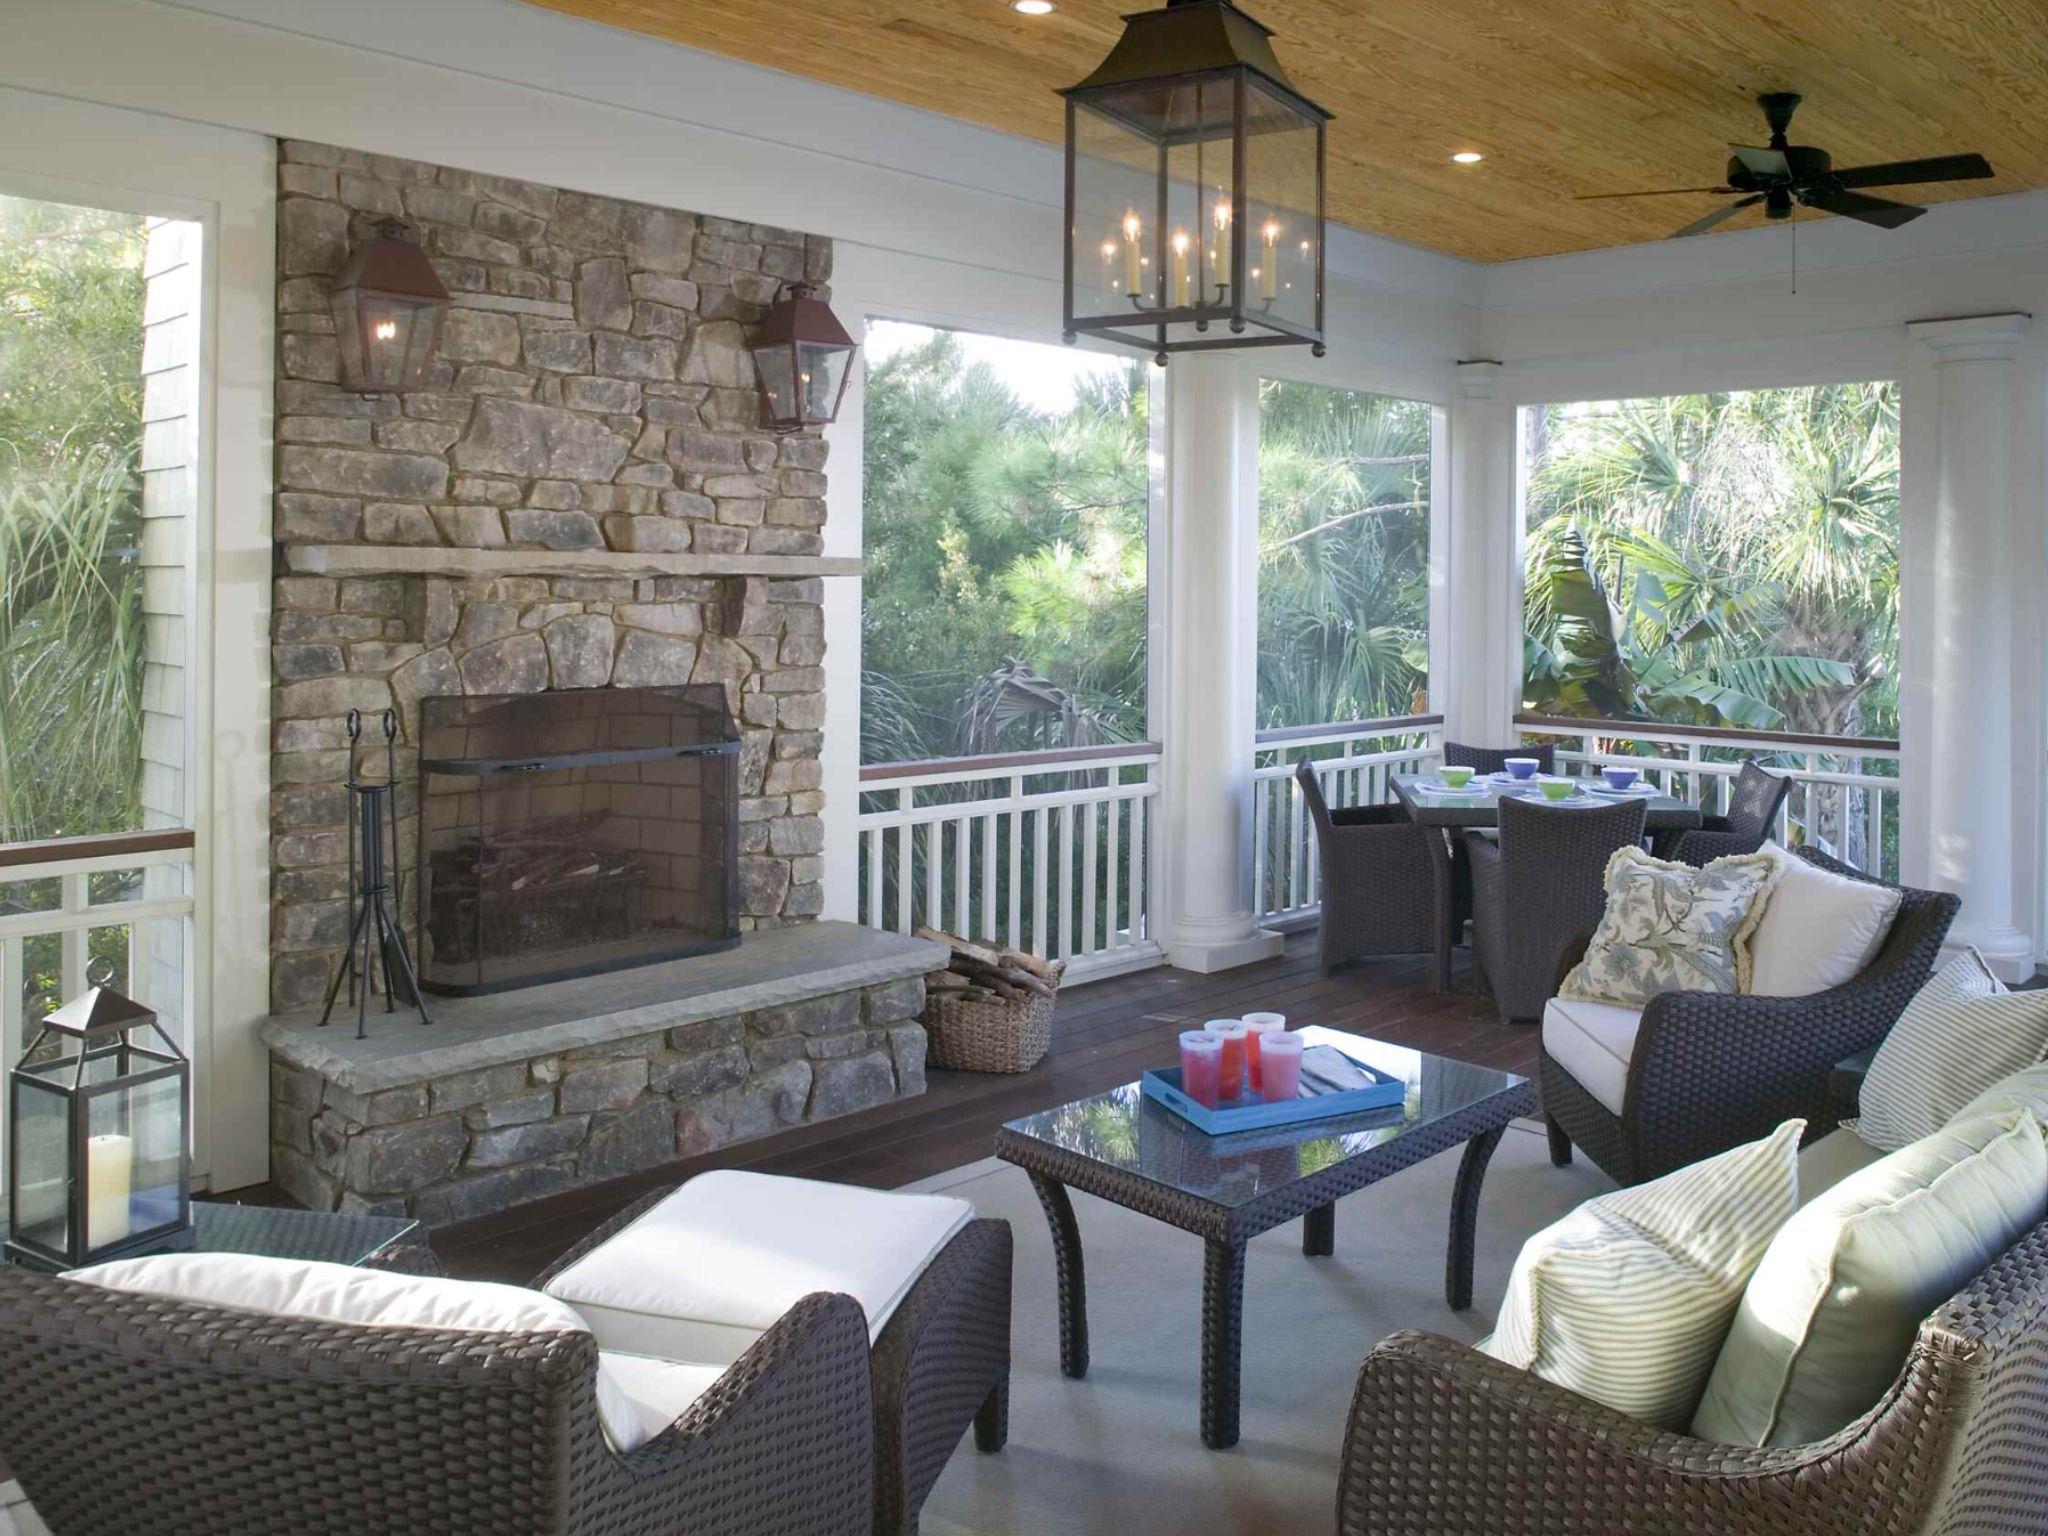 fireplace on the deck houzz outdoors pinterest houzz